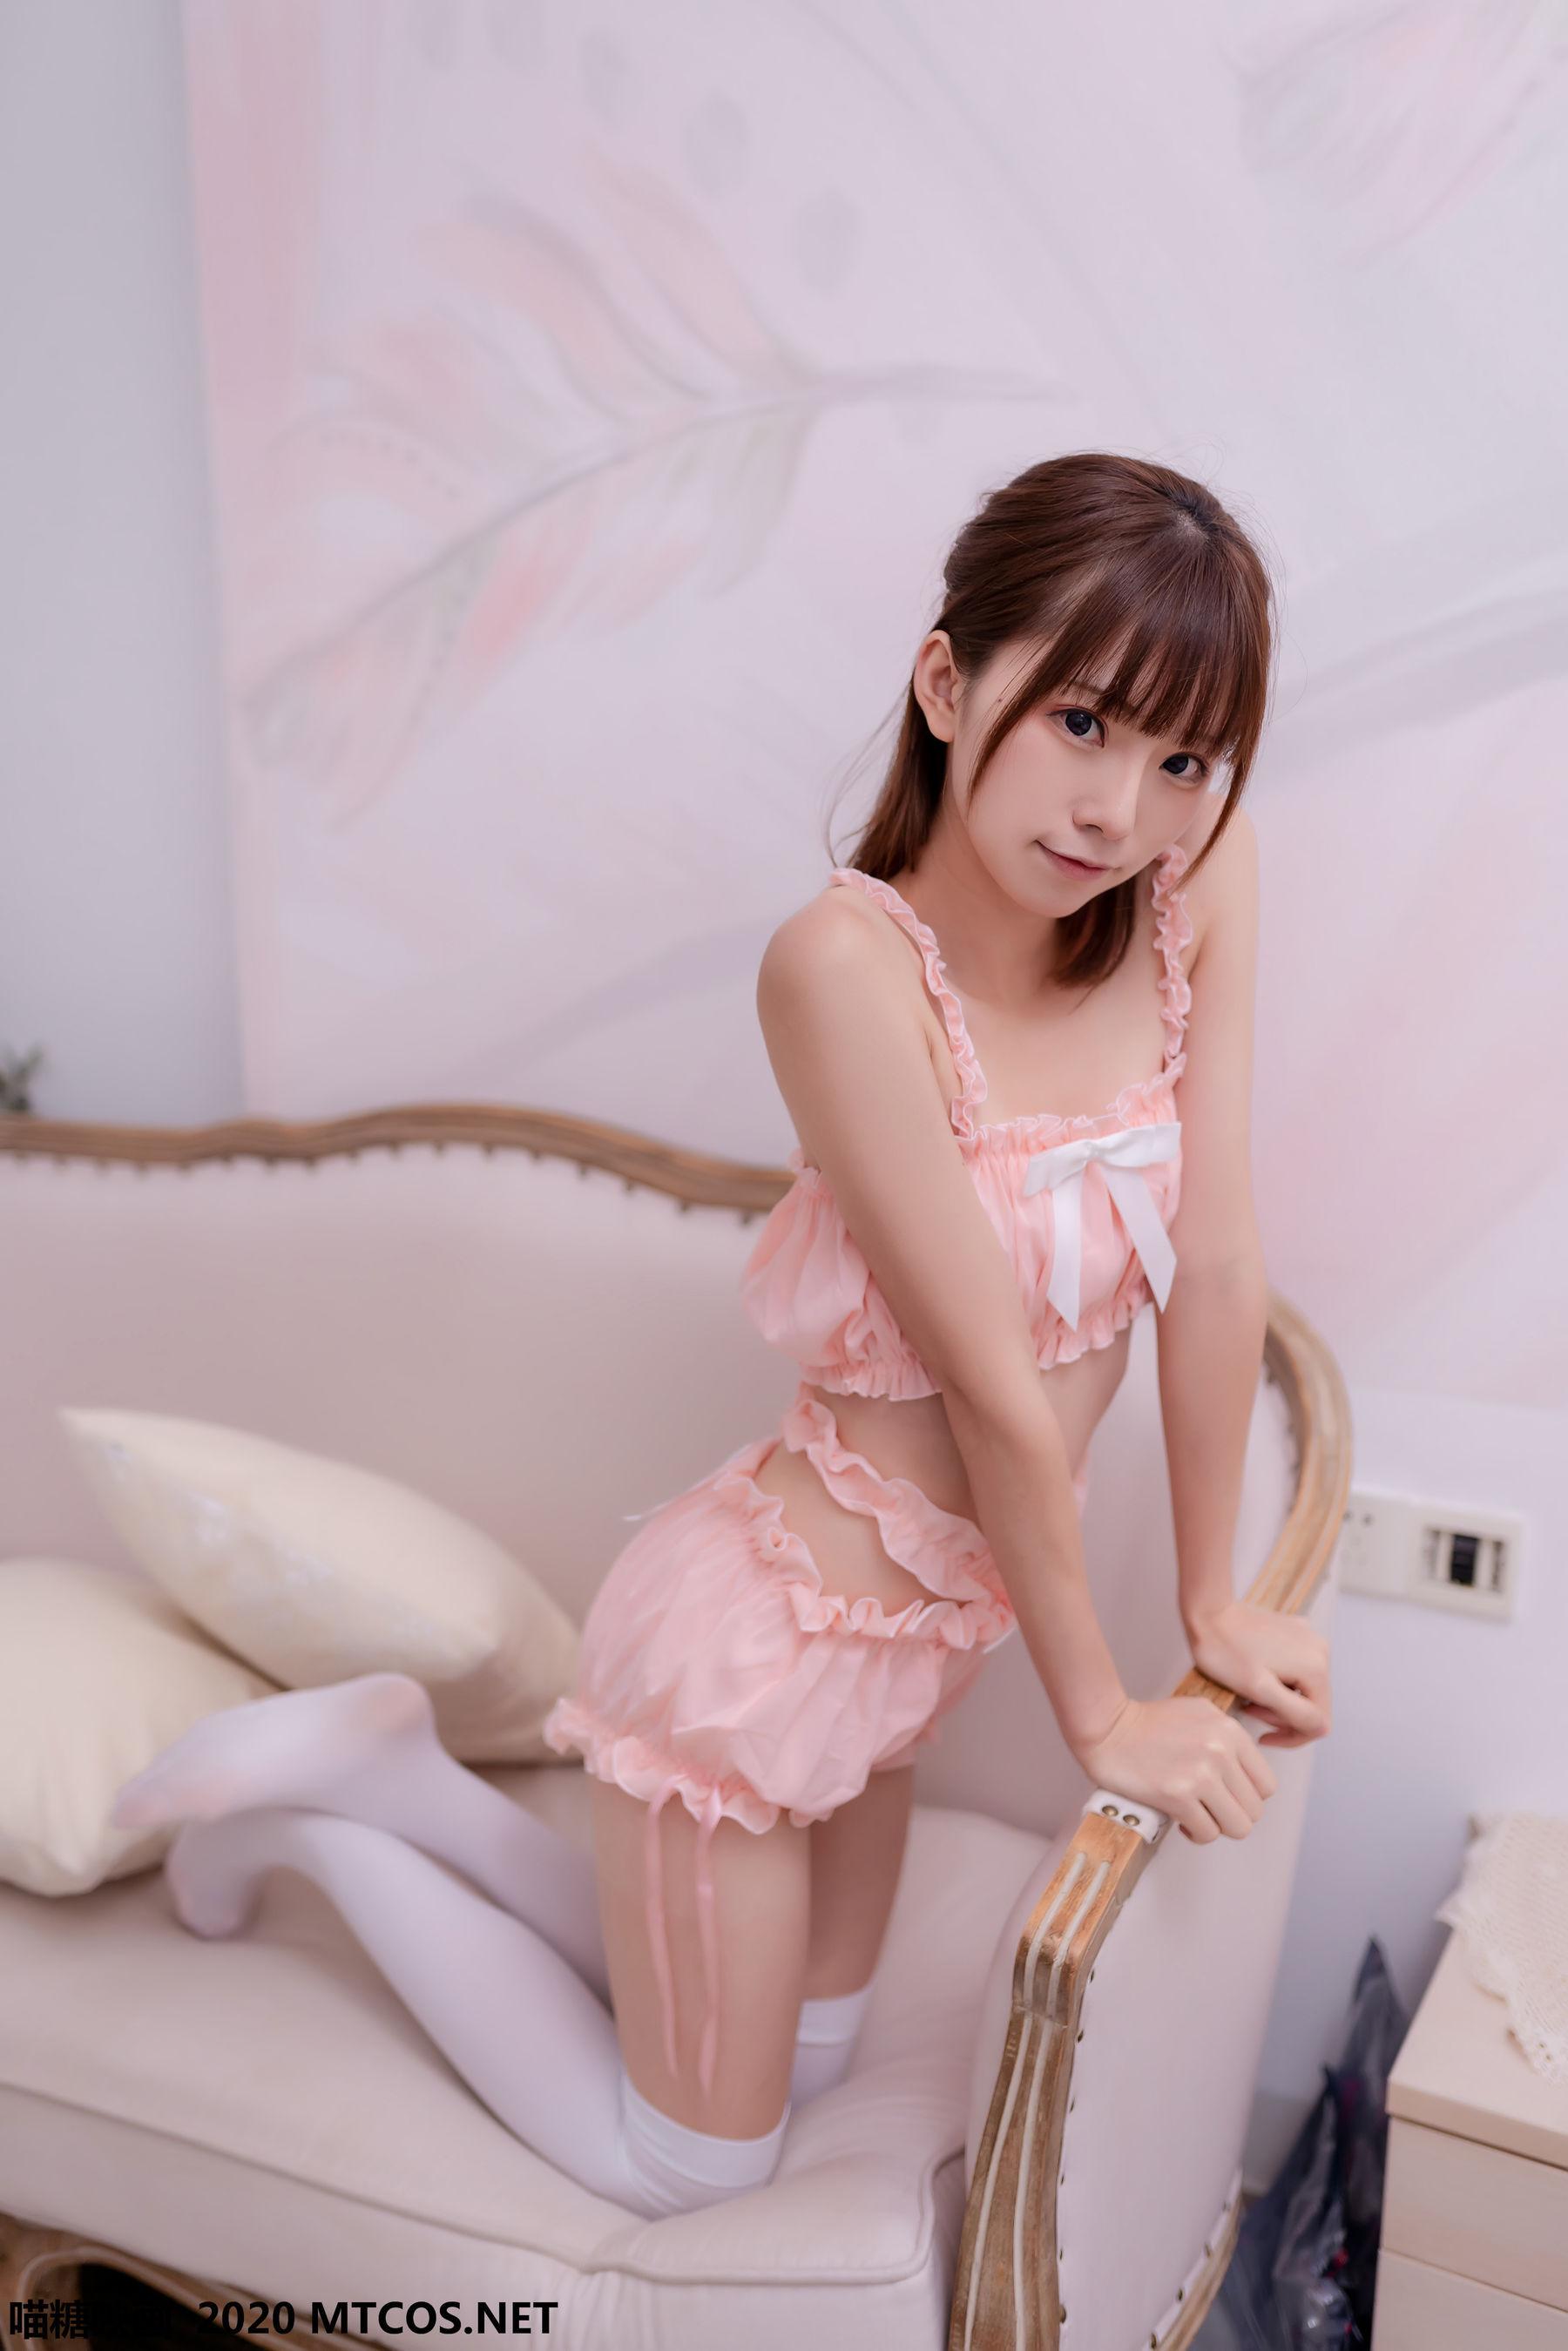 喵糖映画VOL.126,Kitaro_绮太郎甜蜜女友写真